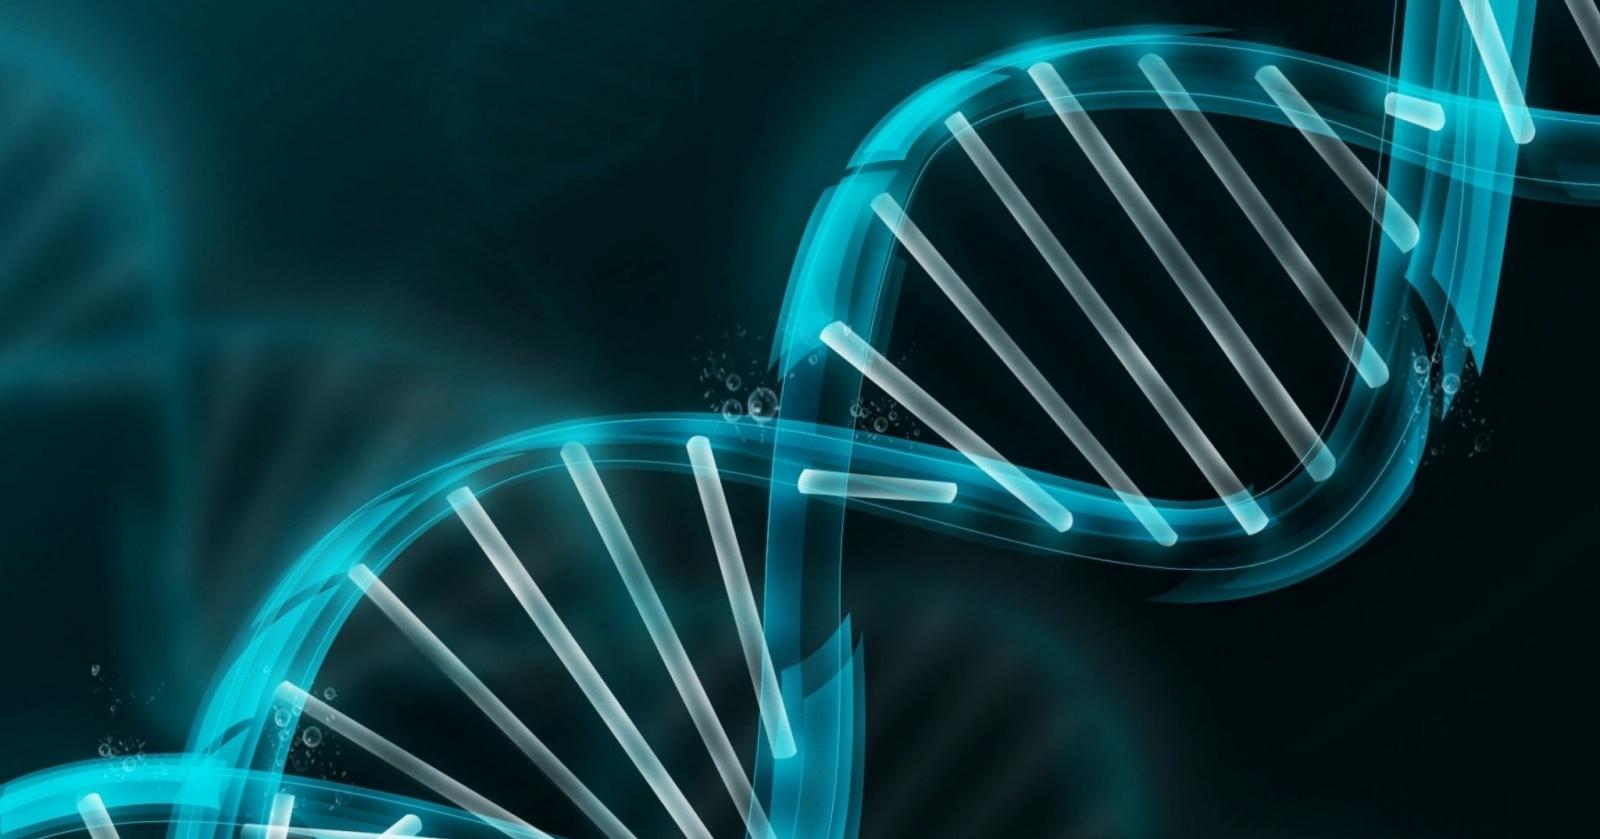 Гарвардский генетик создаст программу для знакомств по ДНК